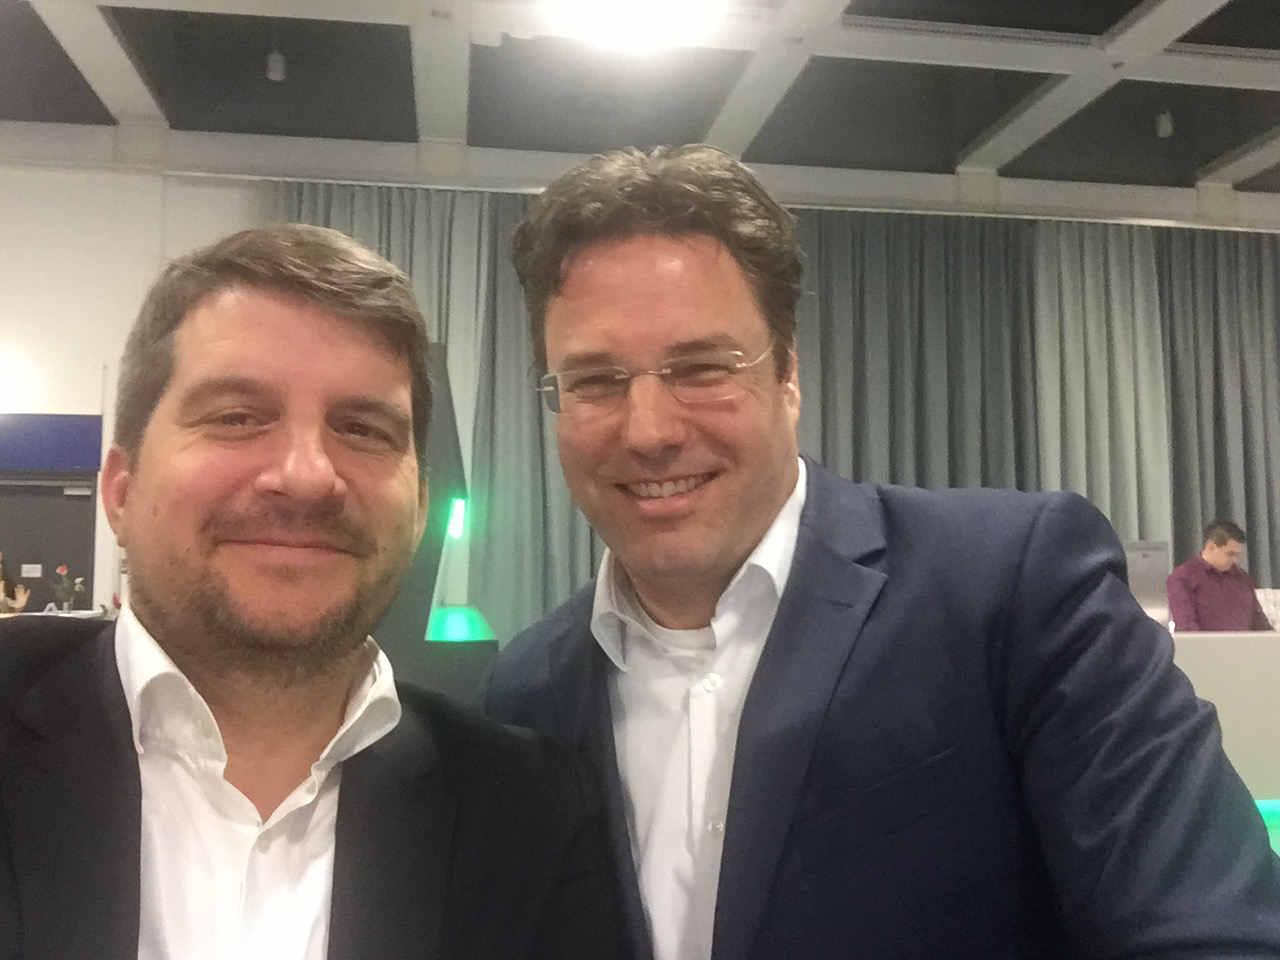 Glyphosat: Bayer Pressersprecher Maertin und WWF Vostandsmitglied Vollmar